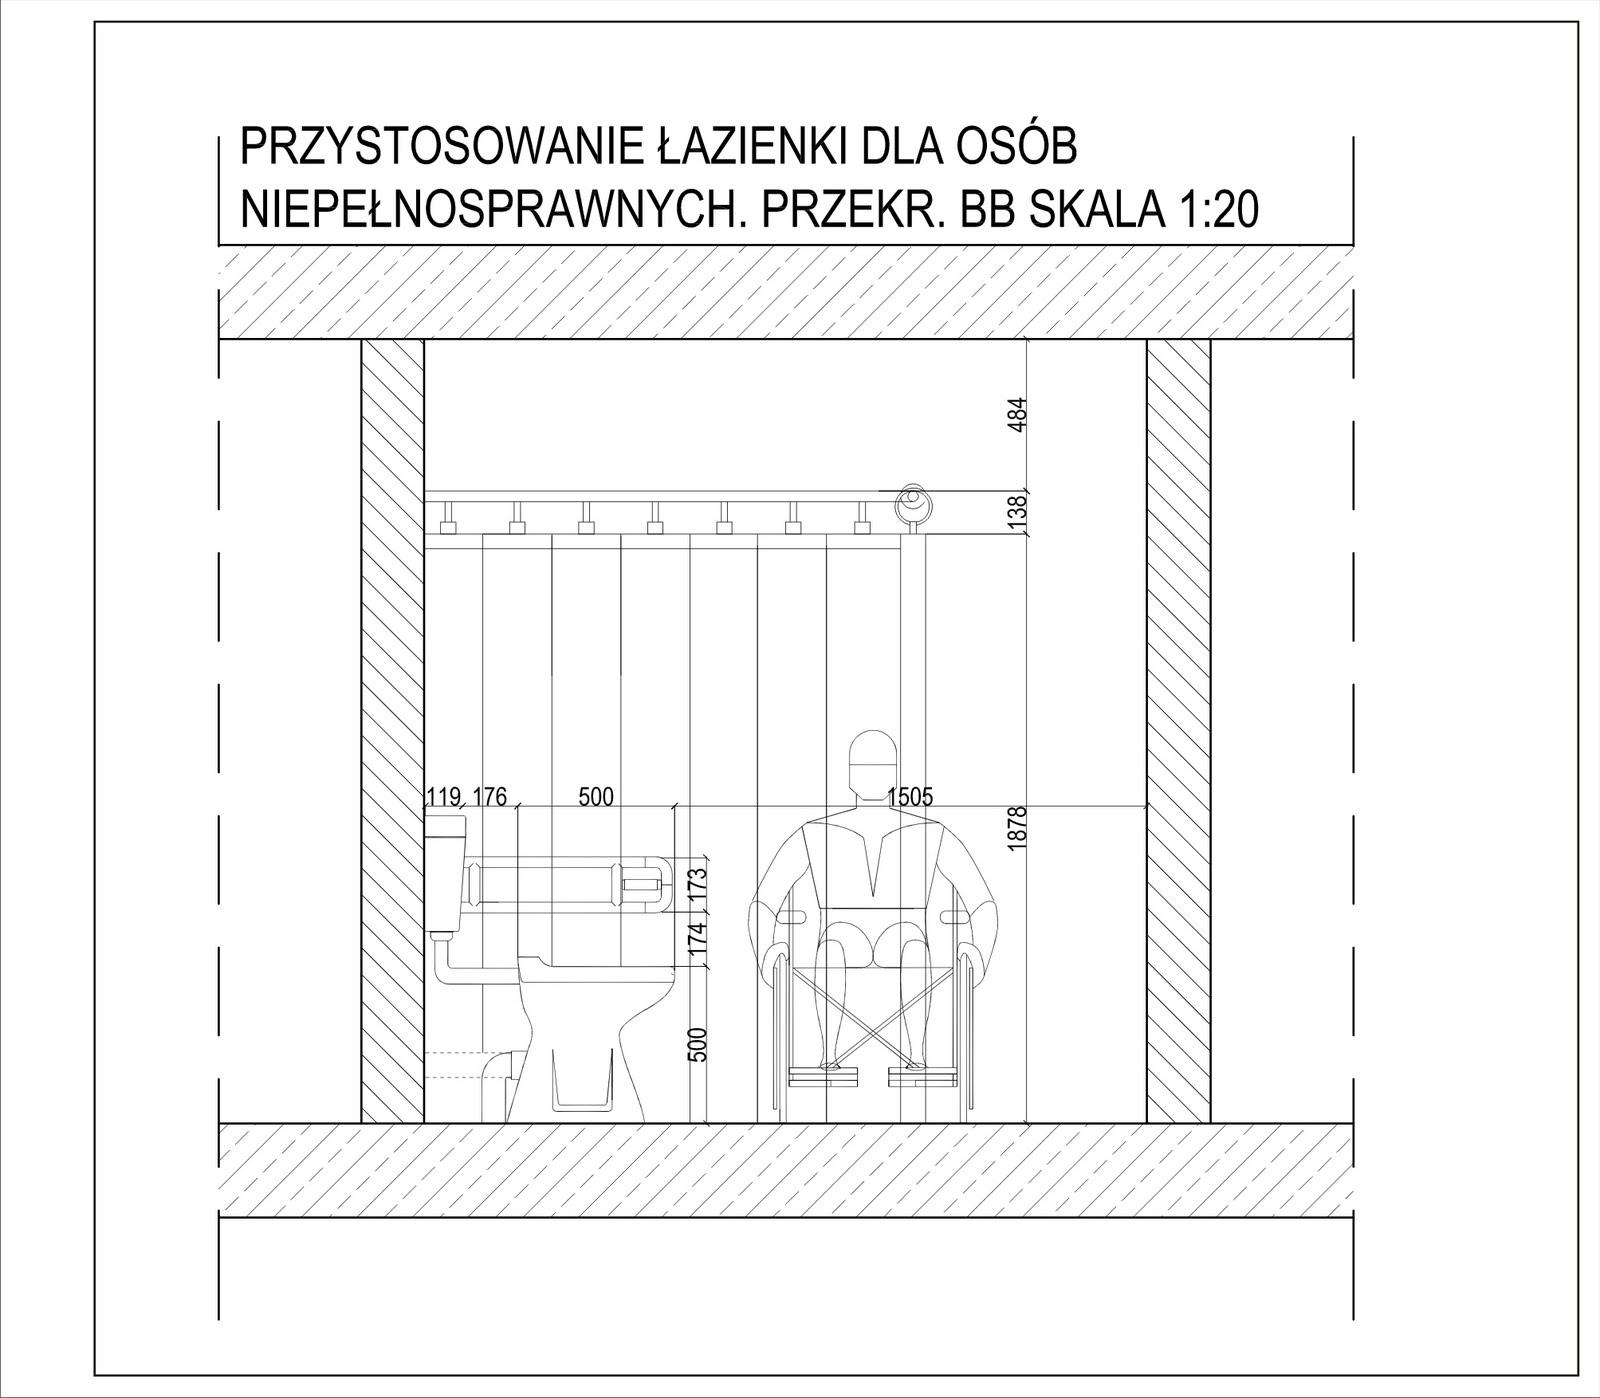 Kreska Portfolio Detal Przystosowanie łazienki Dla Osób